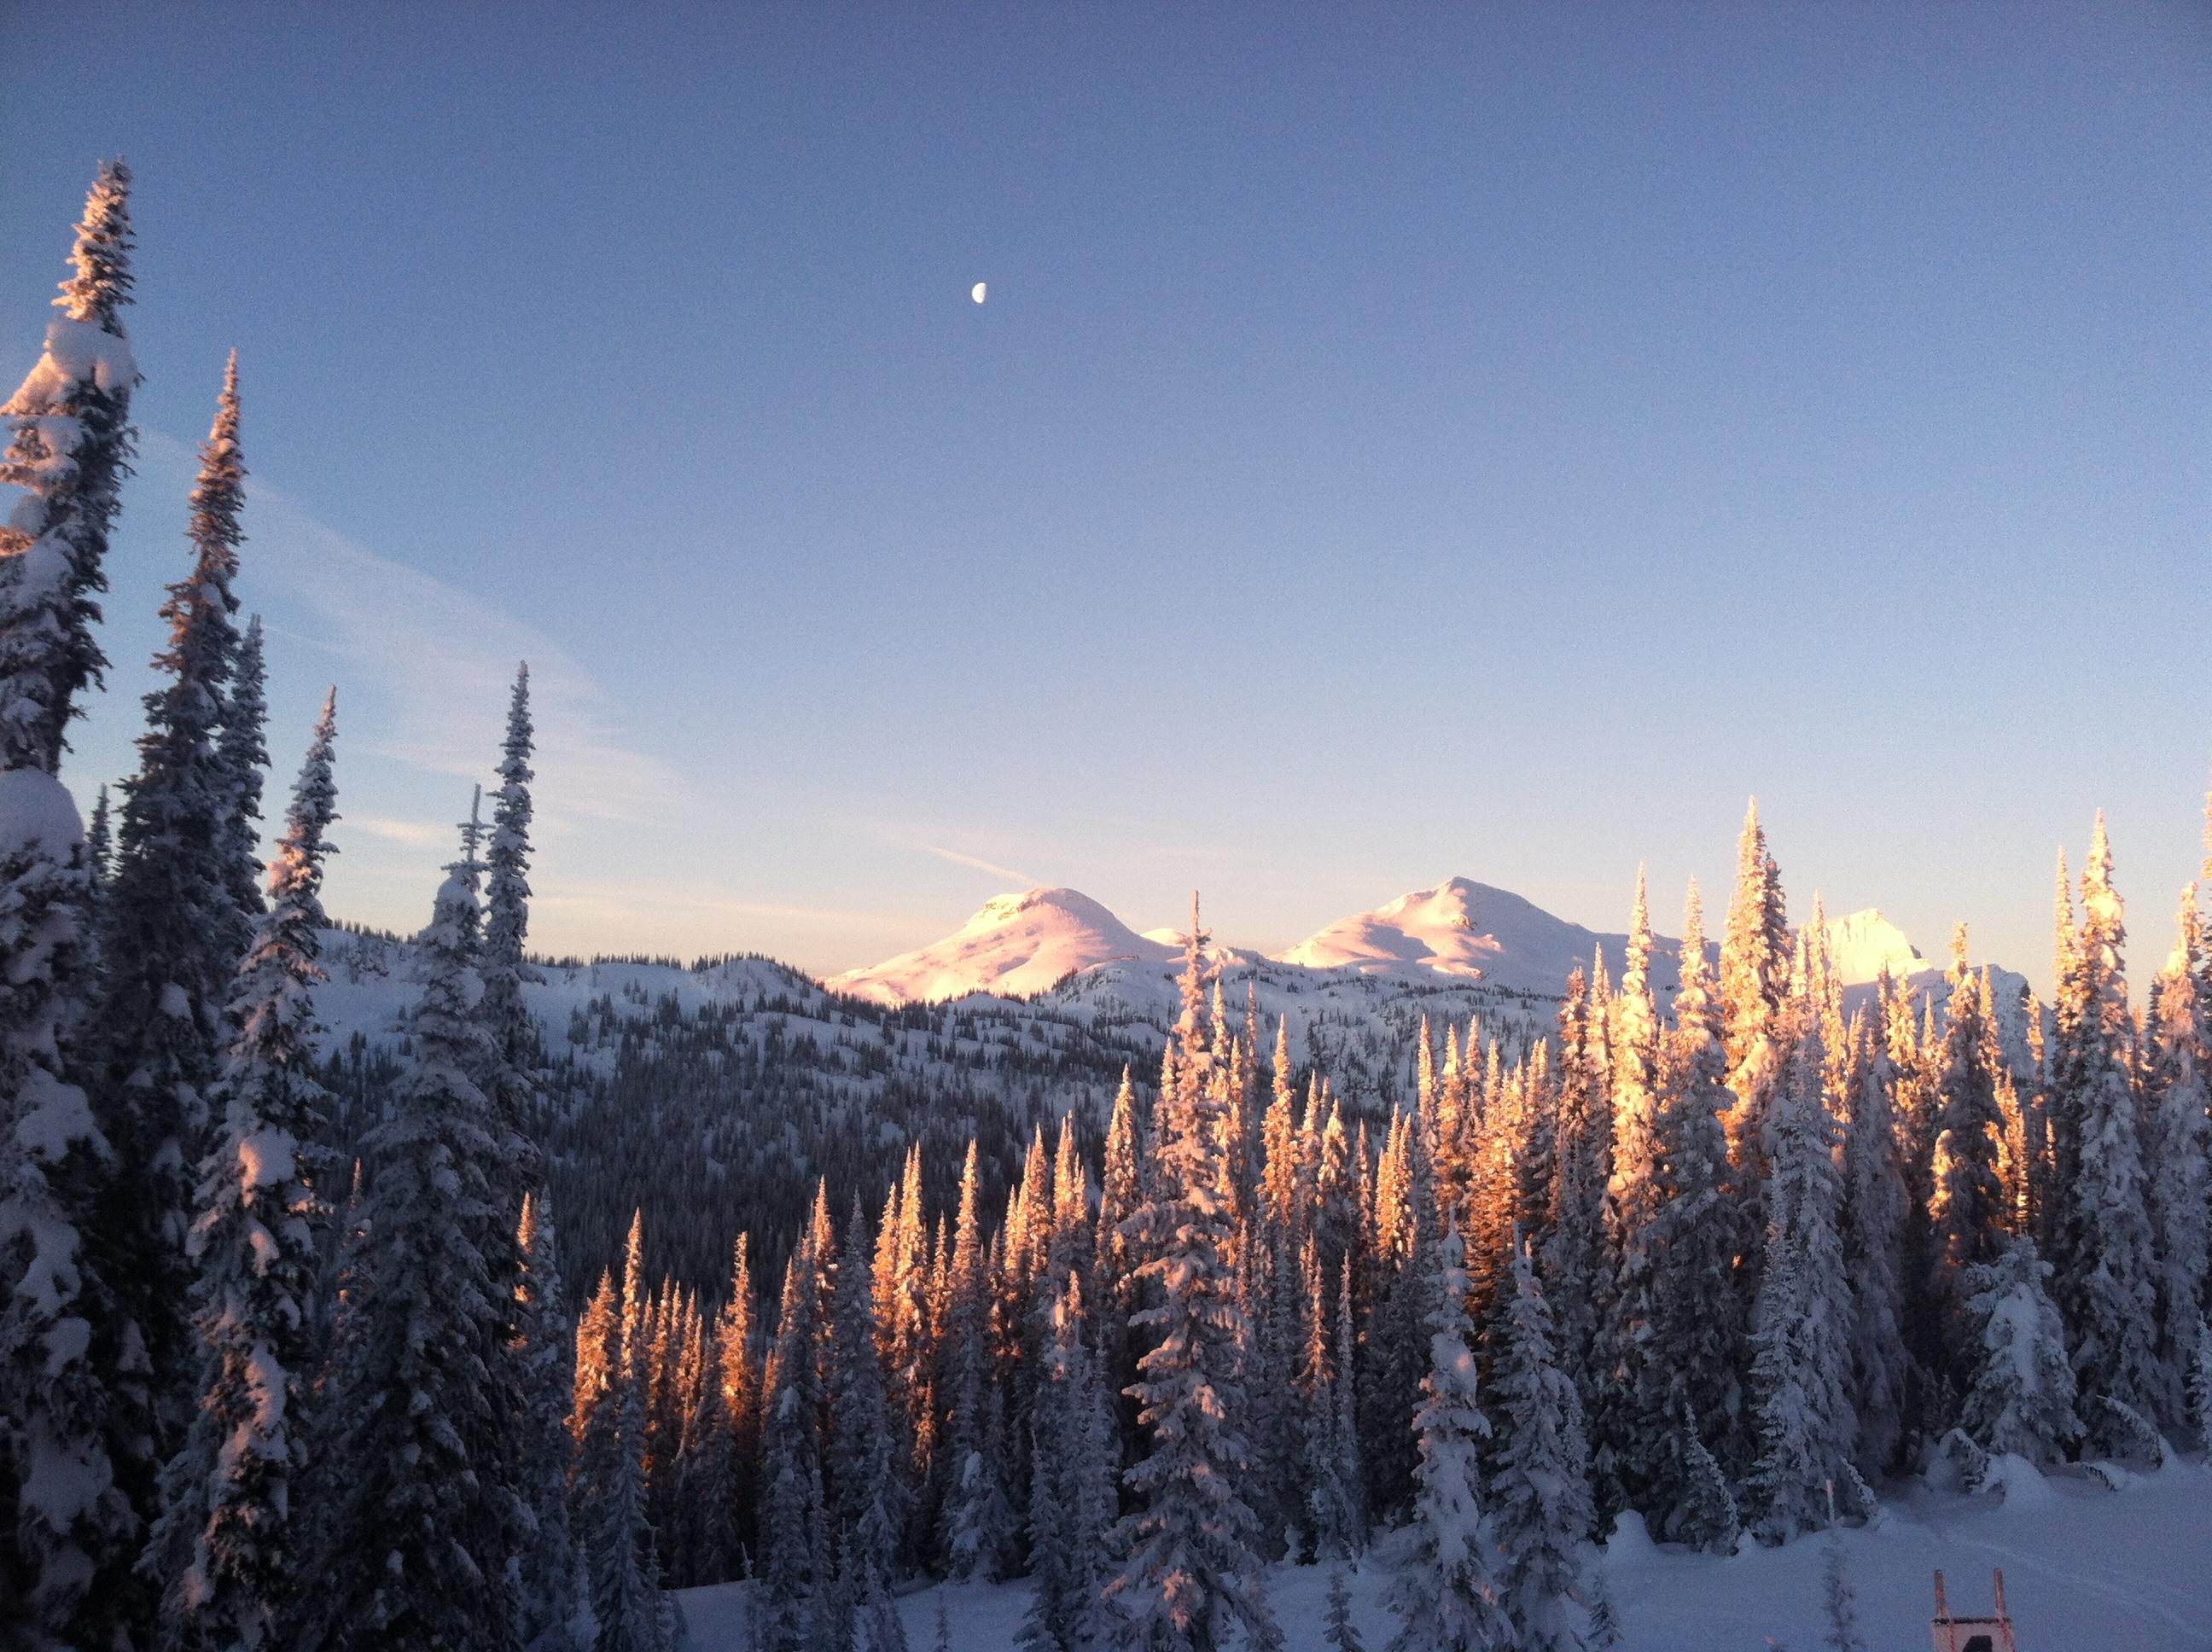 One of many glorious sunrises.